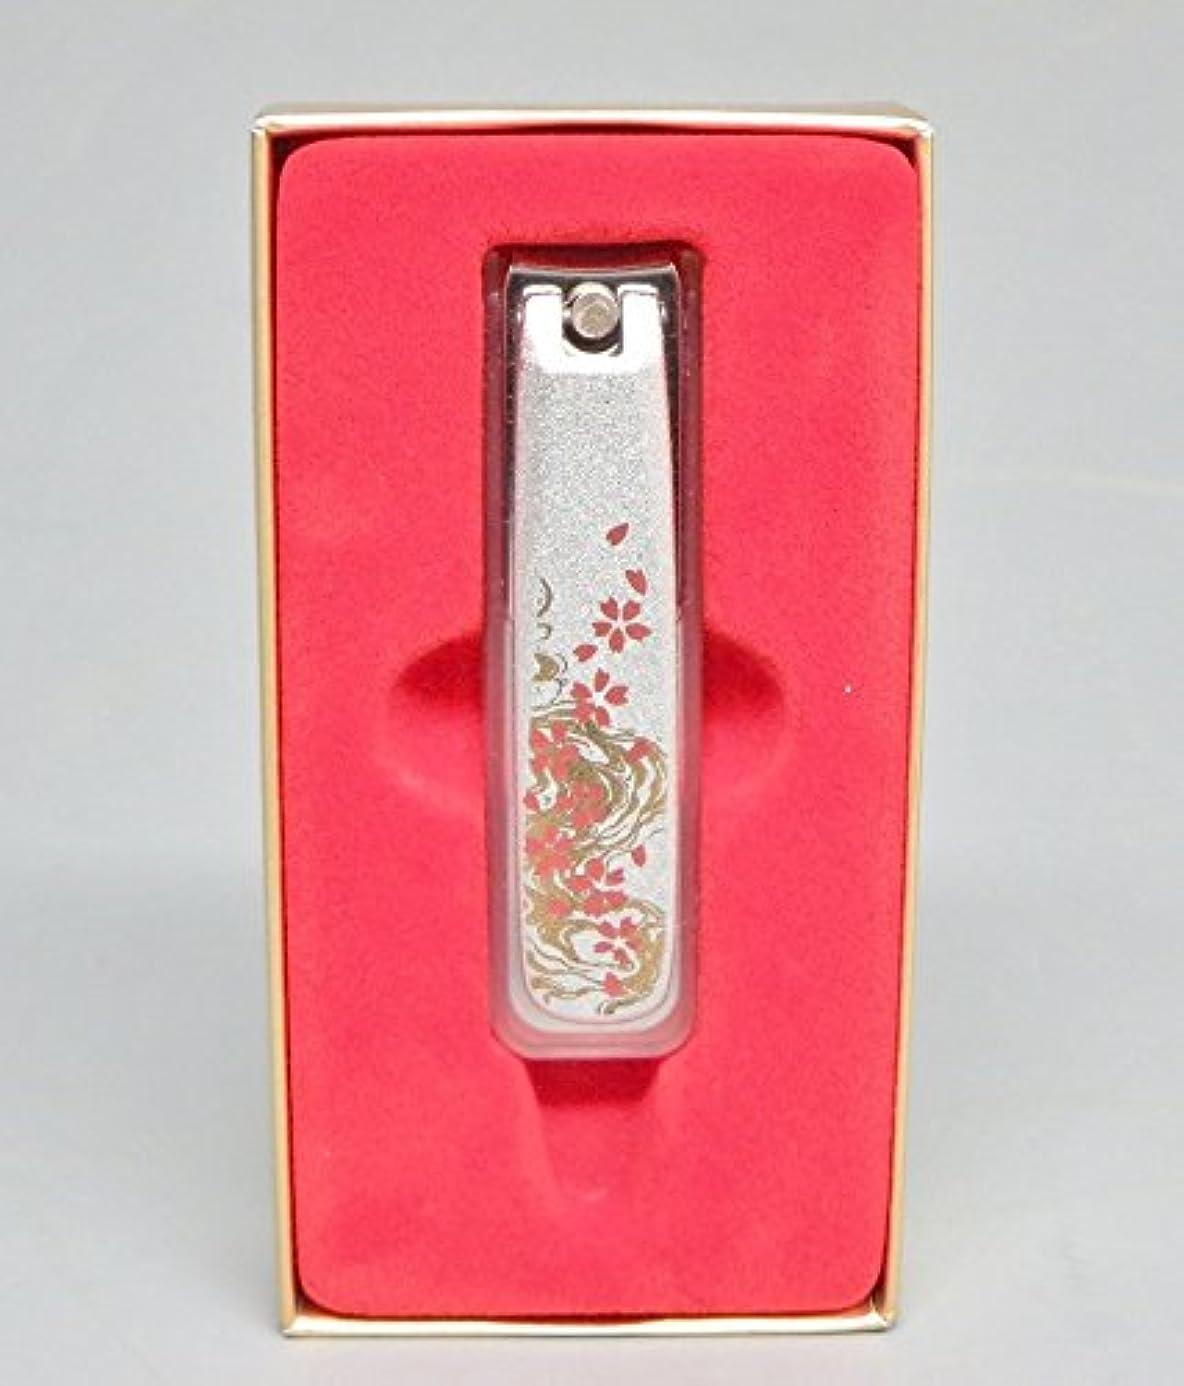 ビバ繰り返す維持する高級 加賀蒔絵 爪きり  日本製 岐阜県関産 銀 桜流水